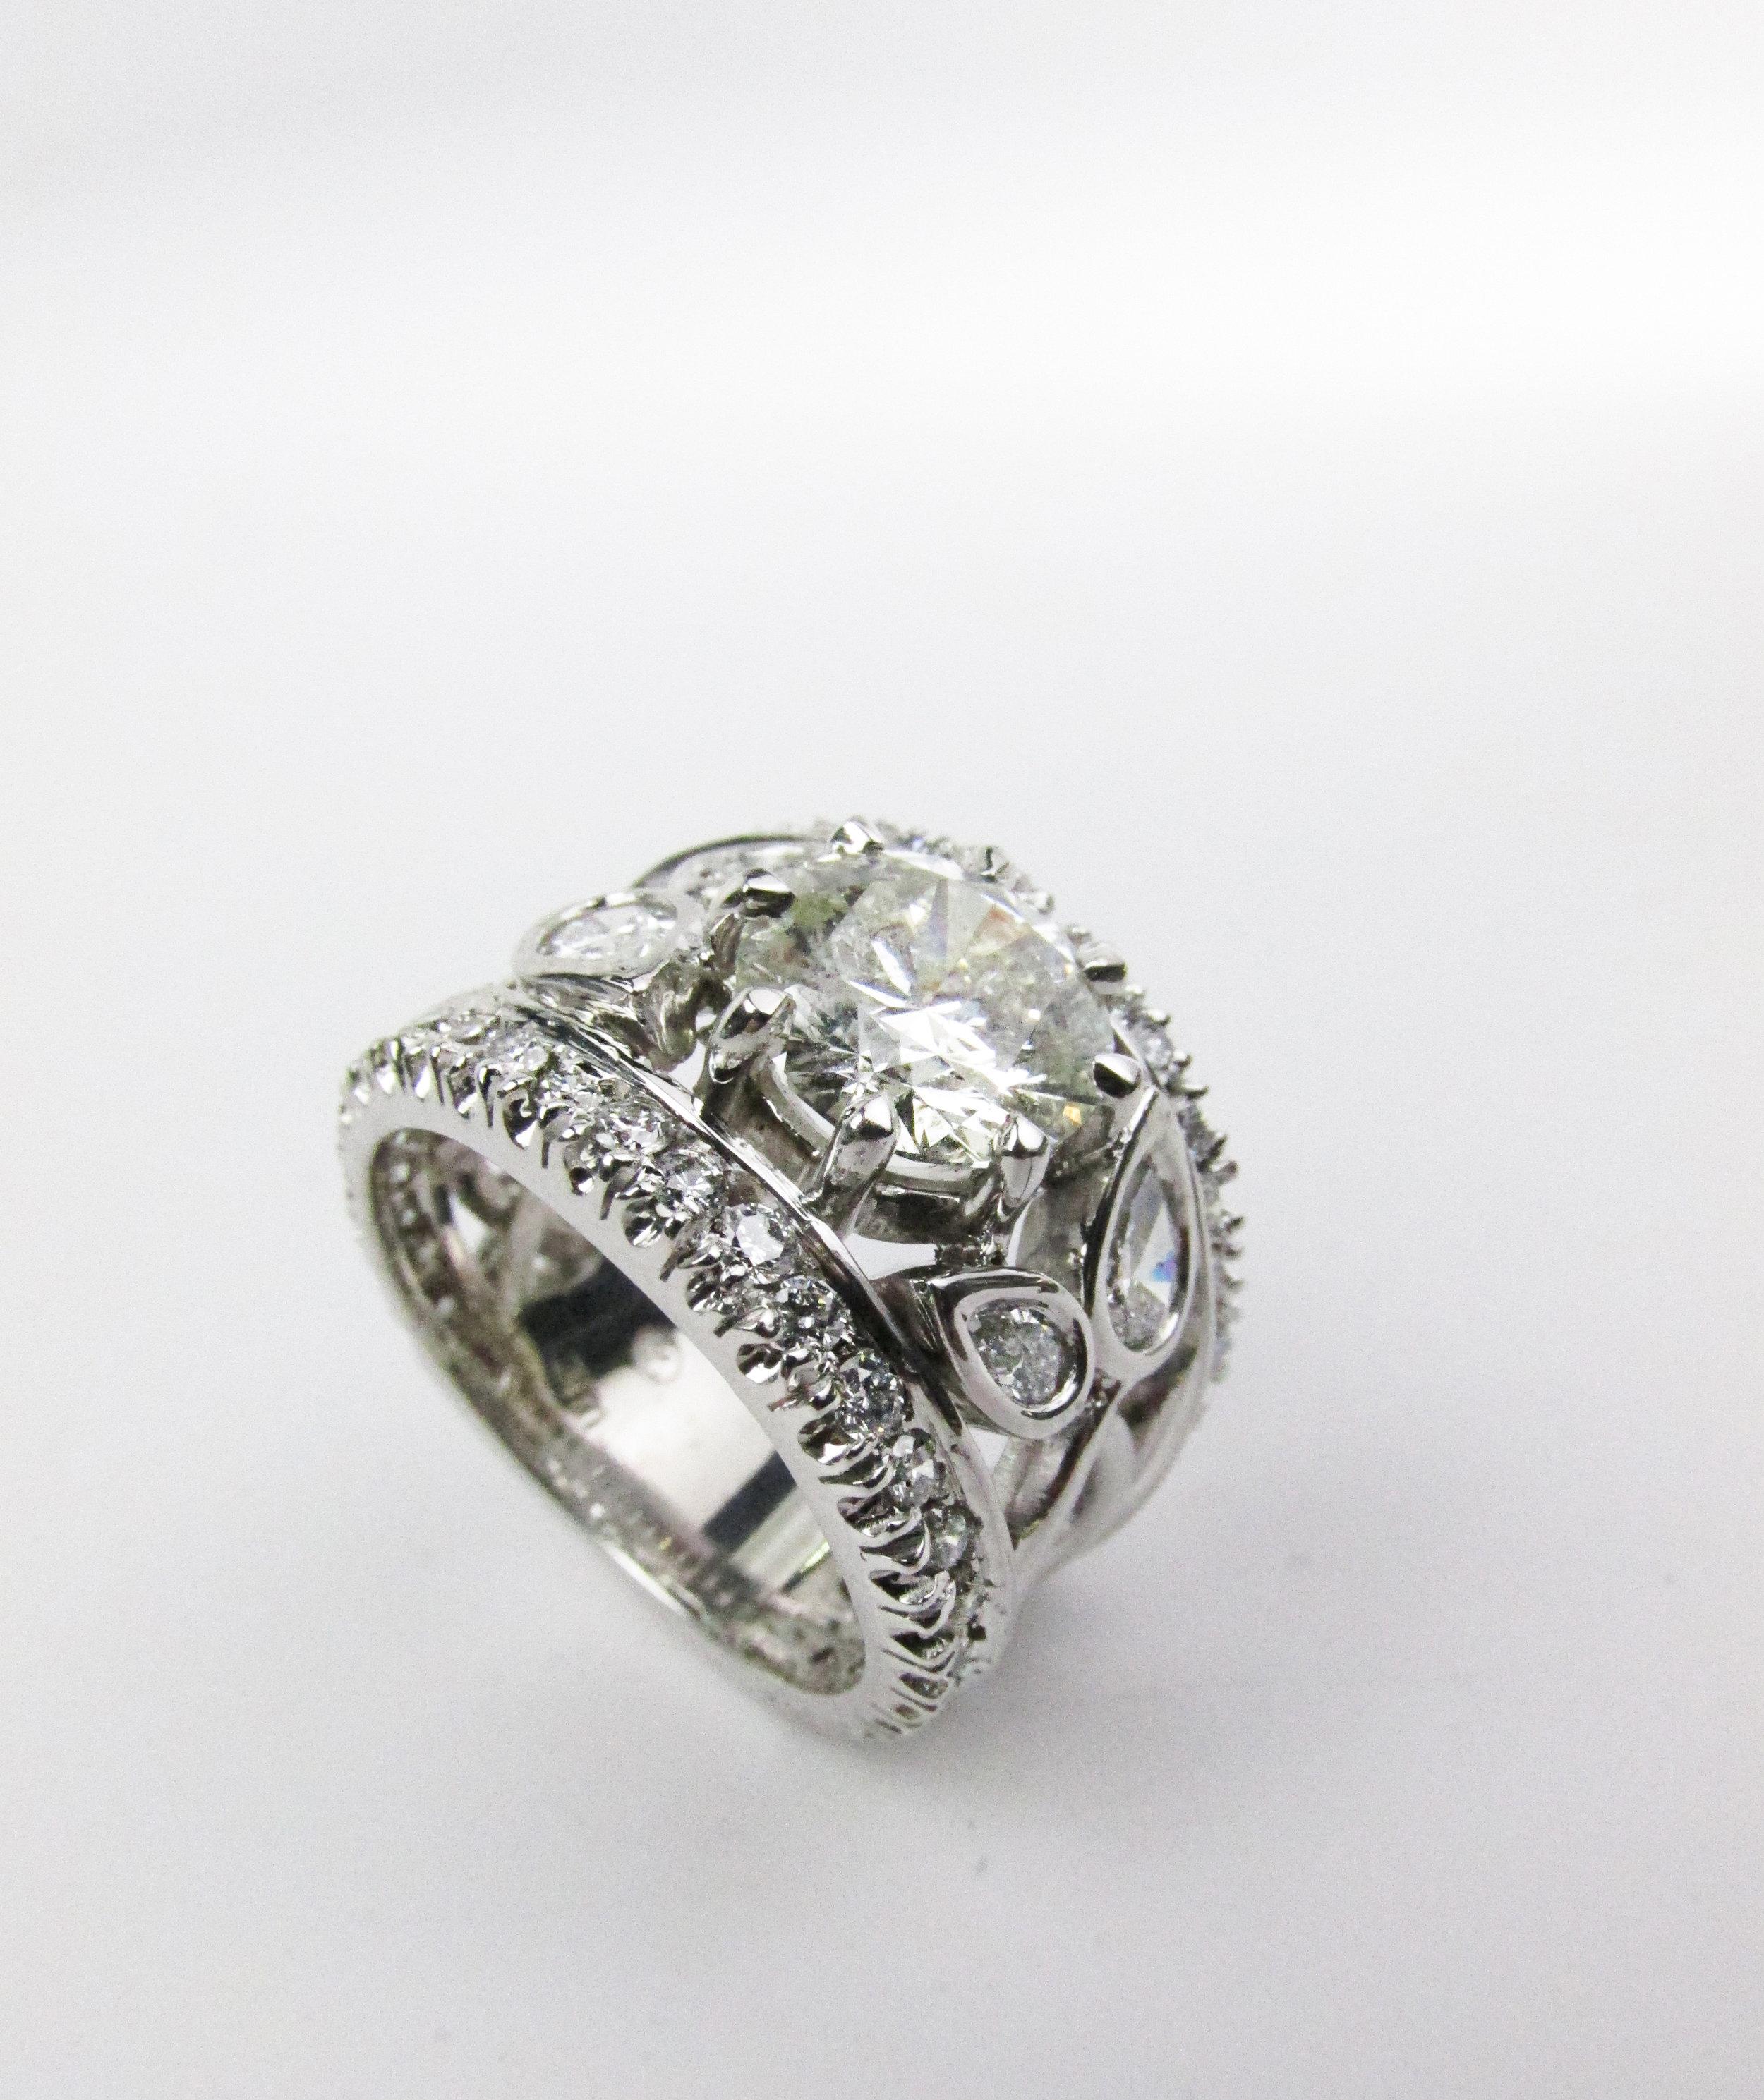 Organic Modern Engagement Ring